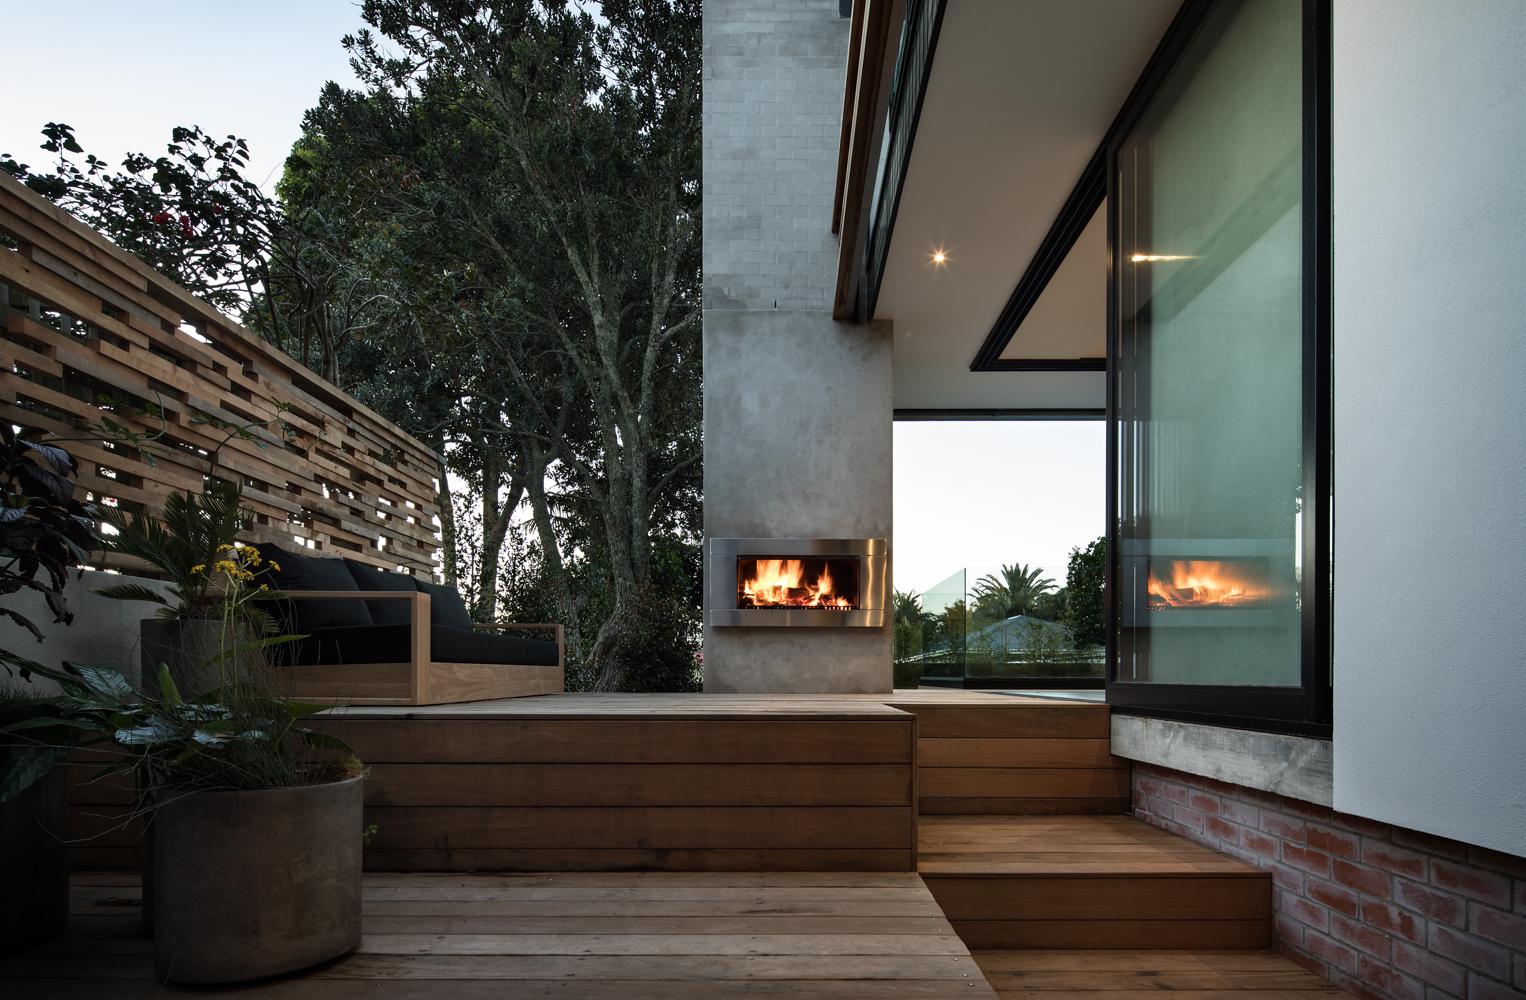 tree-villa-matter-the-design-emotive-19.jpg